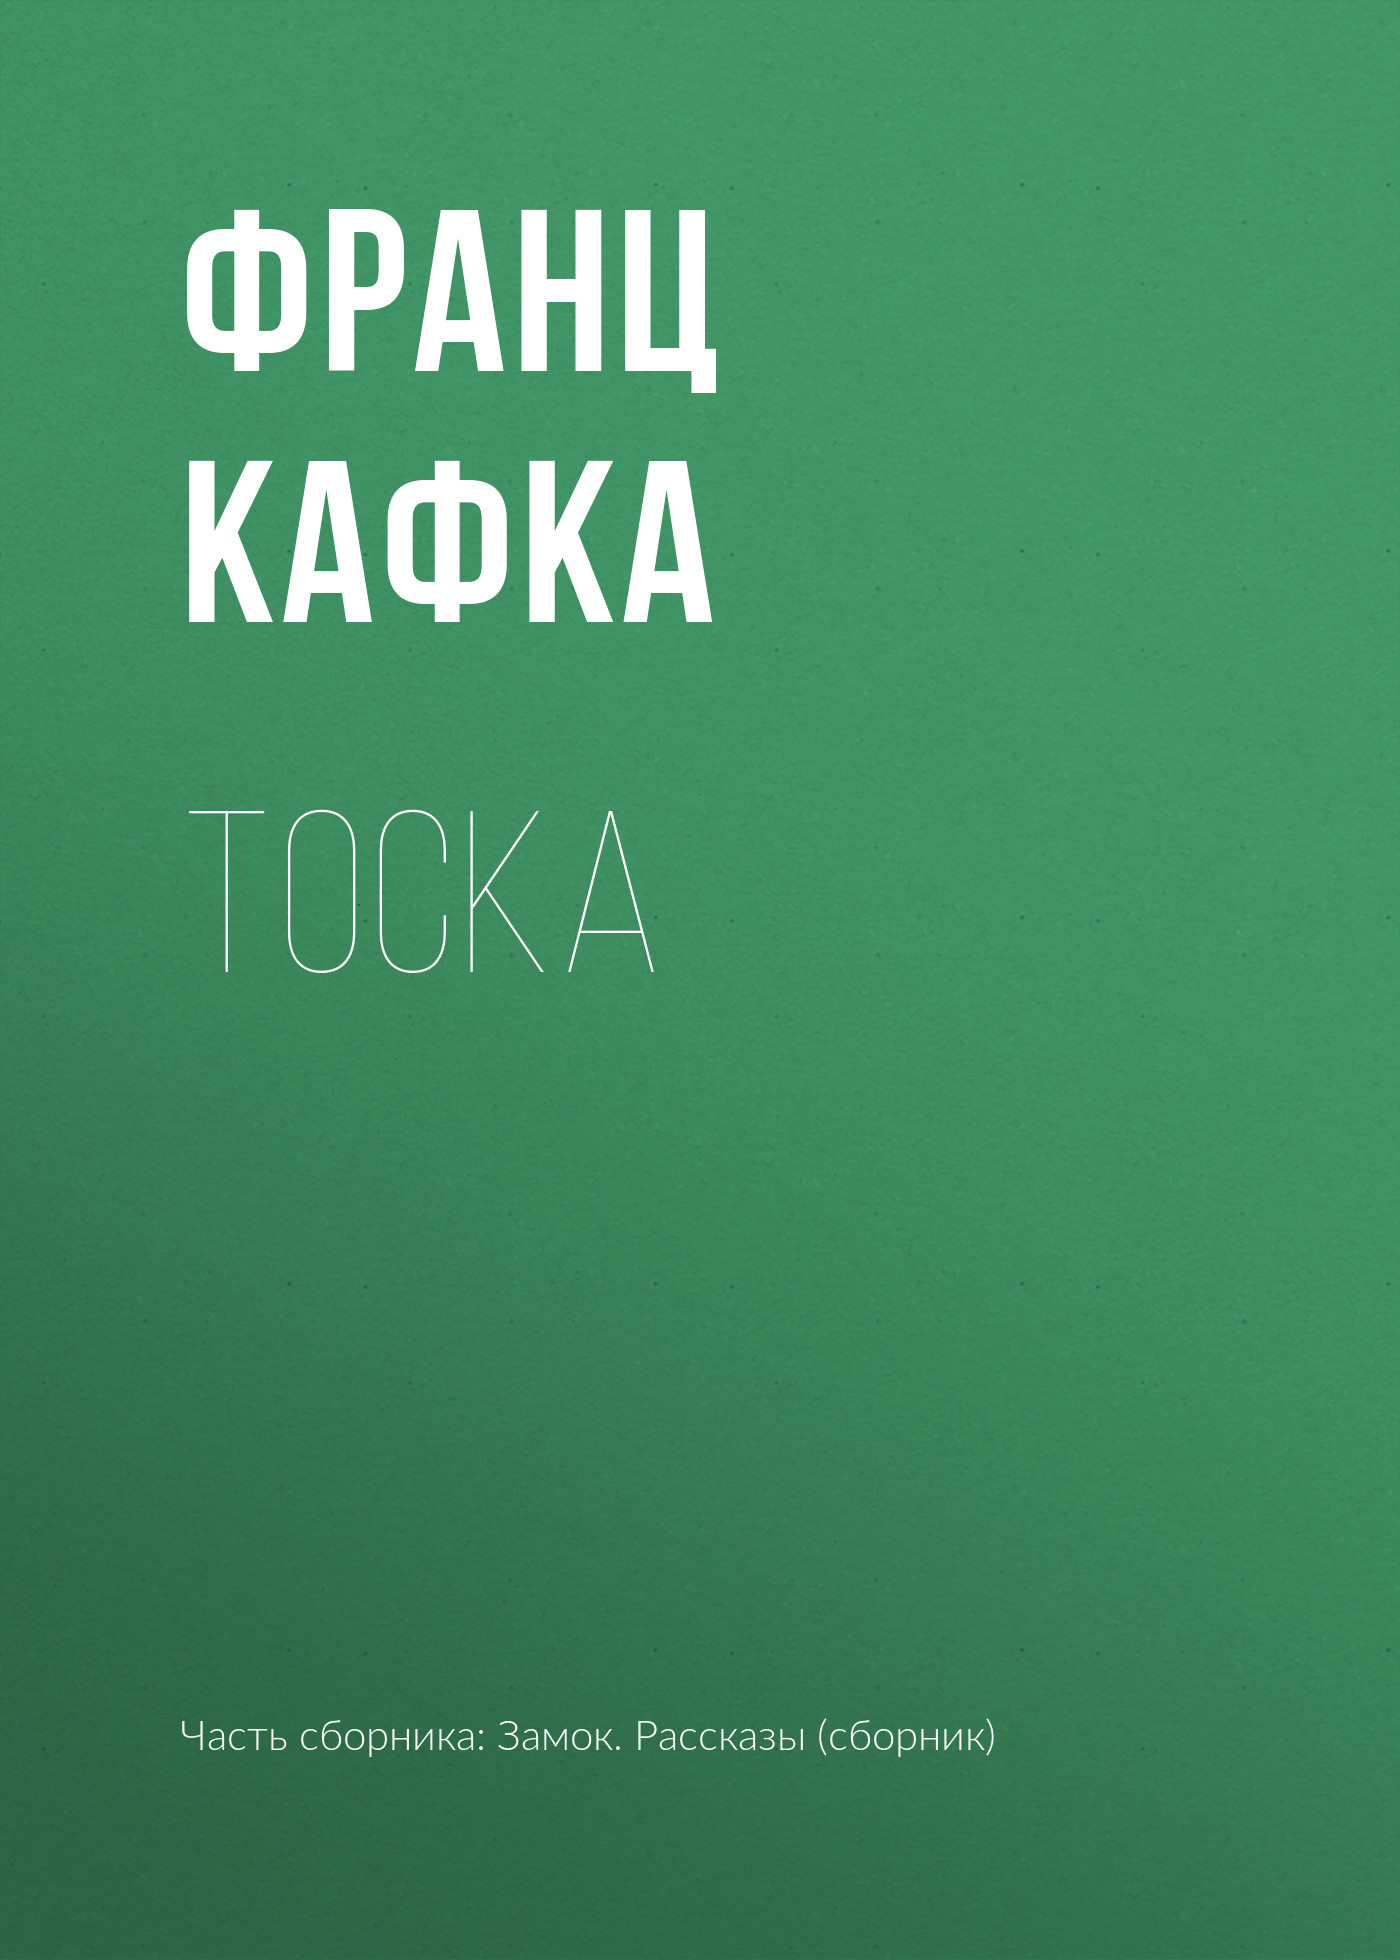 Тоска